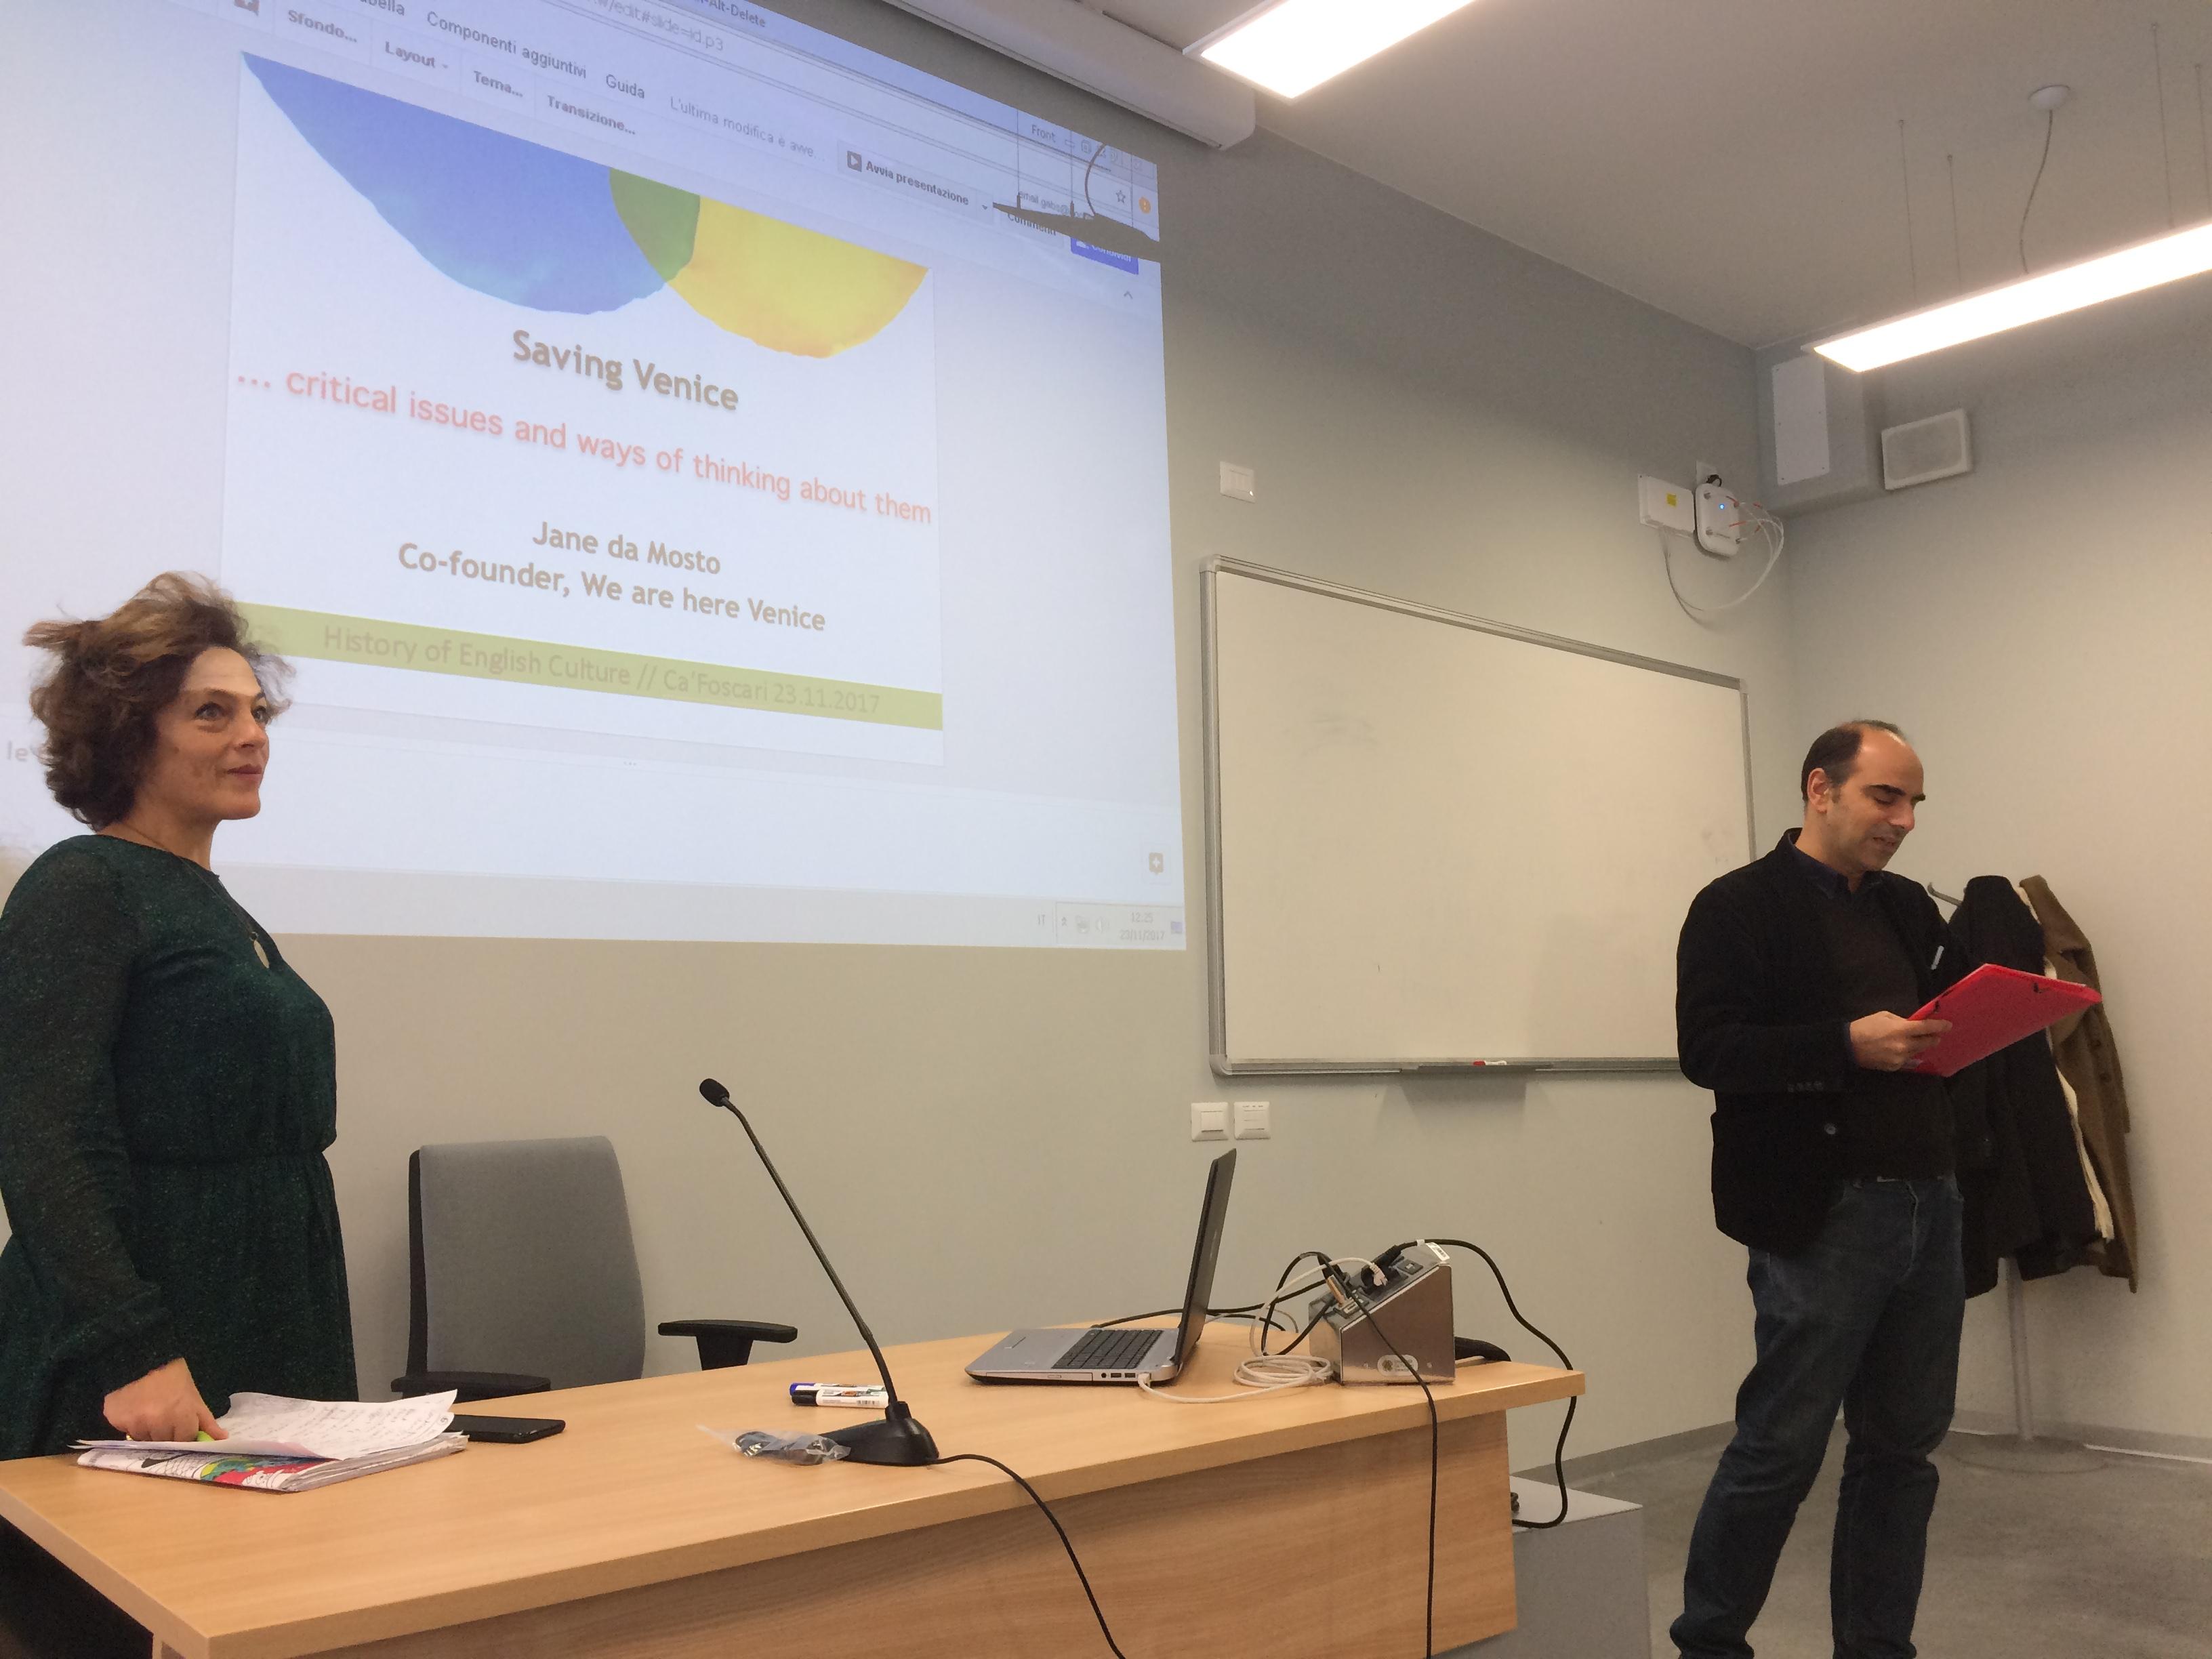 Wahv At Università Ca' Foscari, A Lesson By Jane Da Mosto